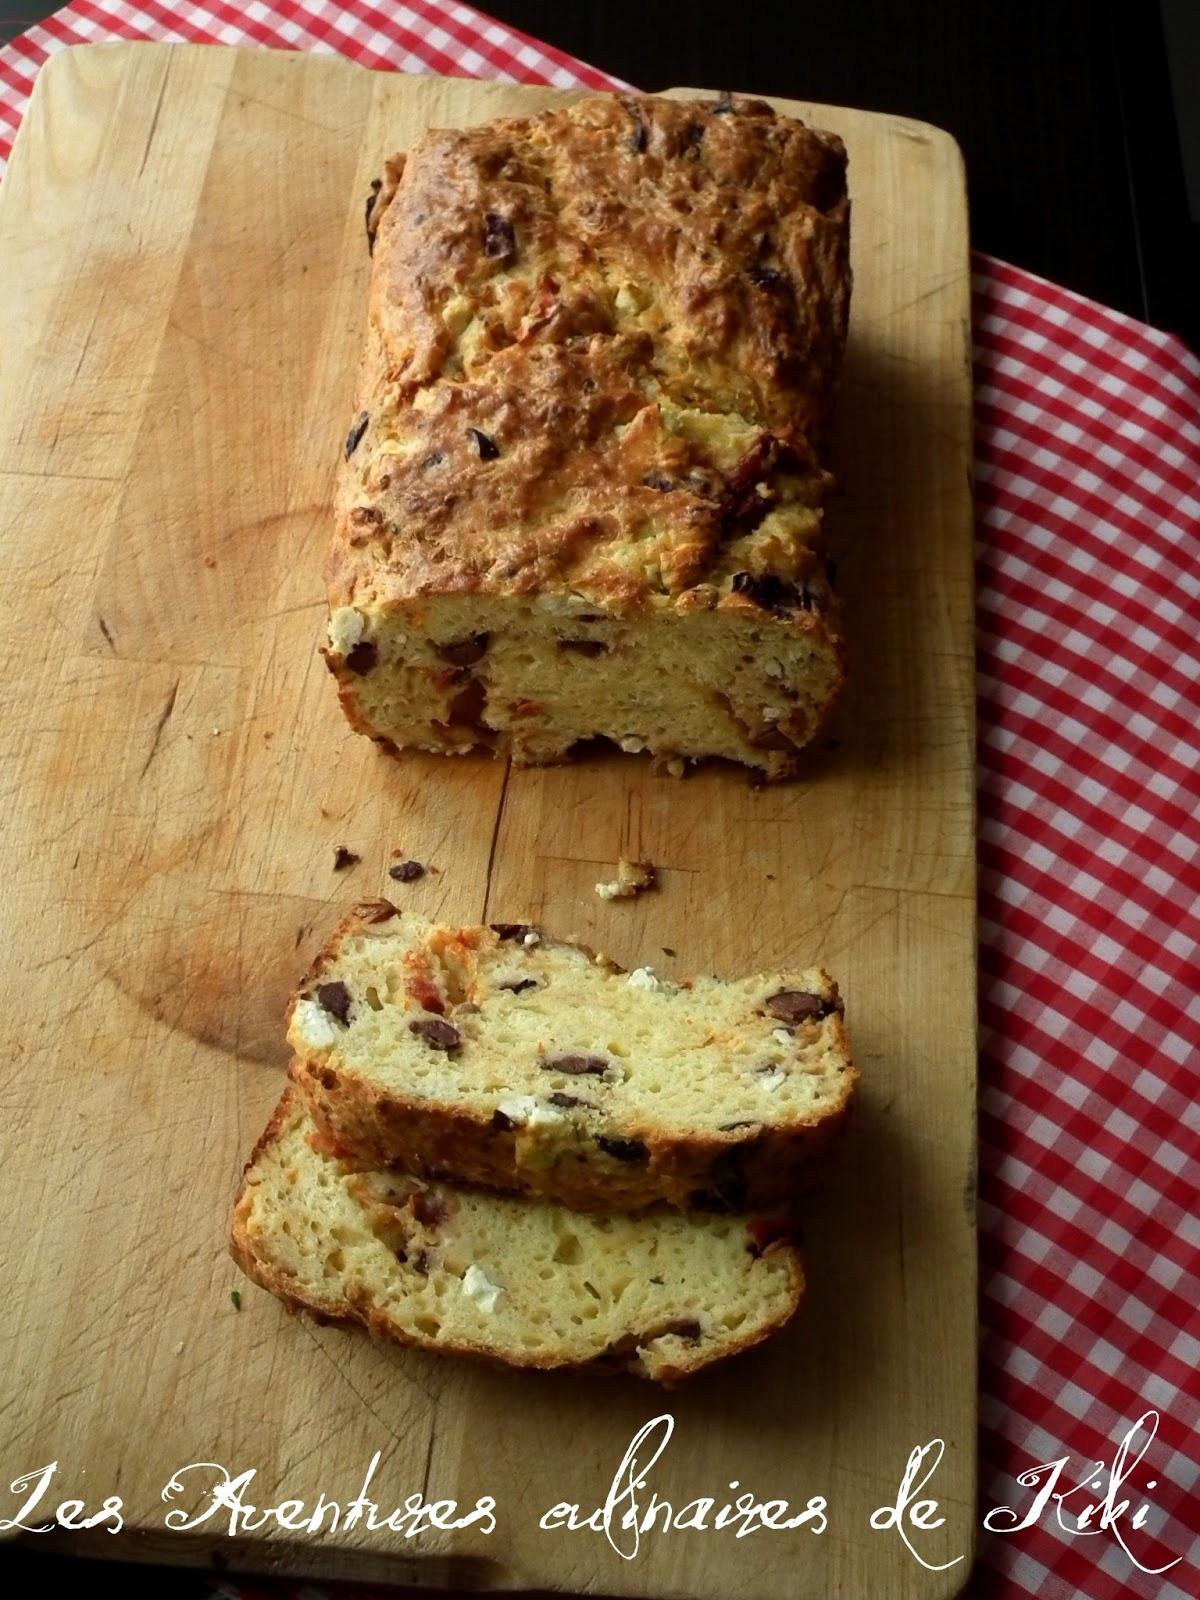 Cake Au Fromage Et Tomates S Ef Bf Bdch Ef Bf Bdes